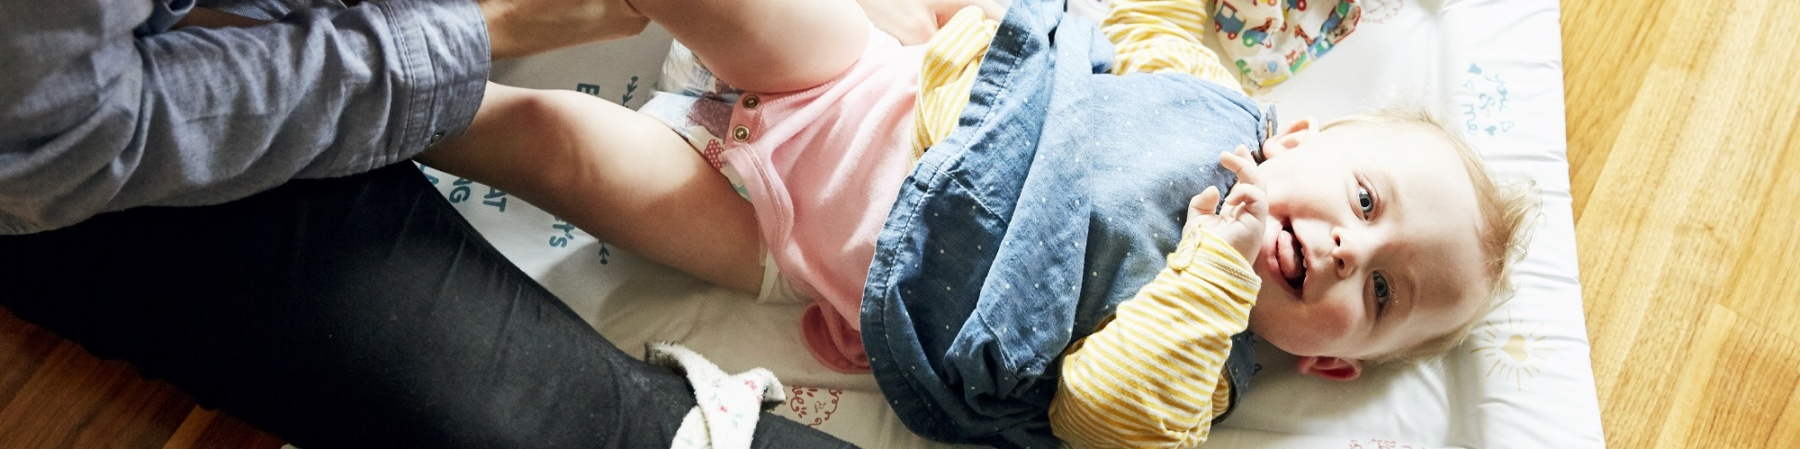 Mamme equilibriste la maternità in Italia